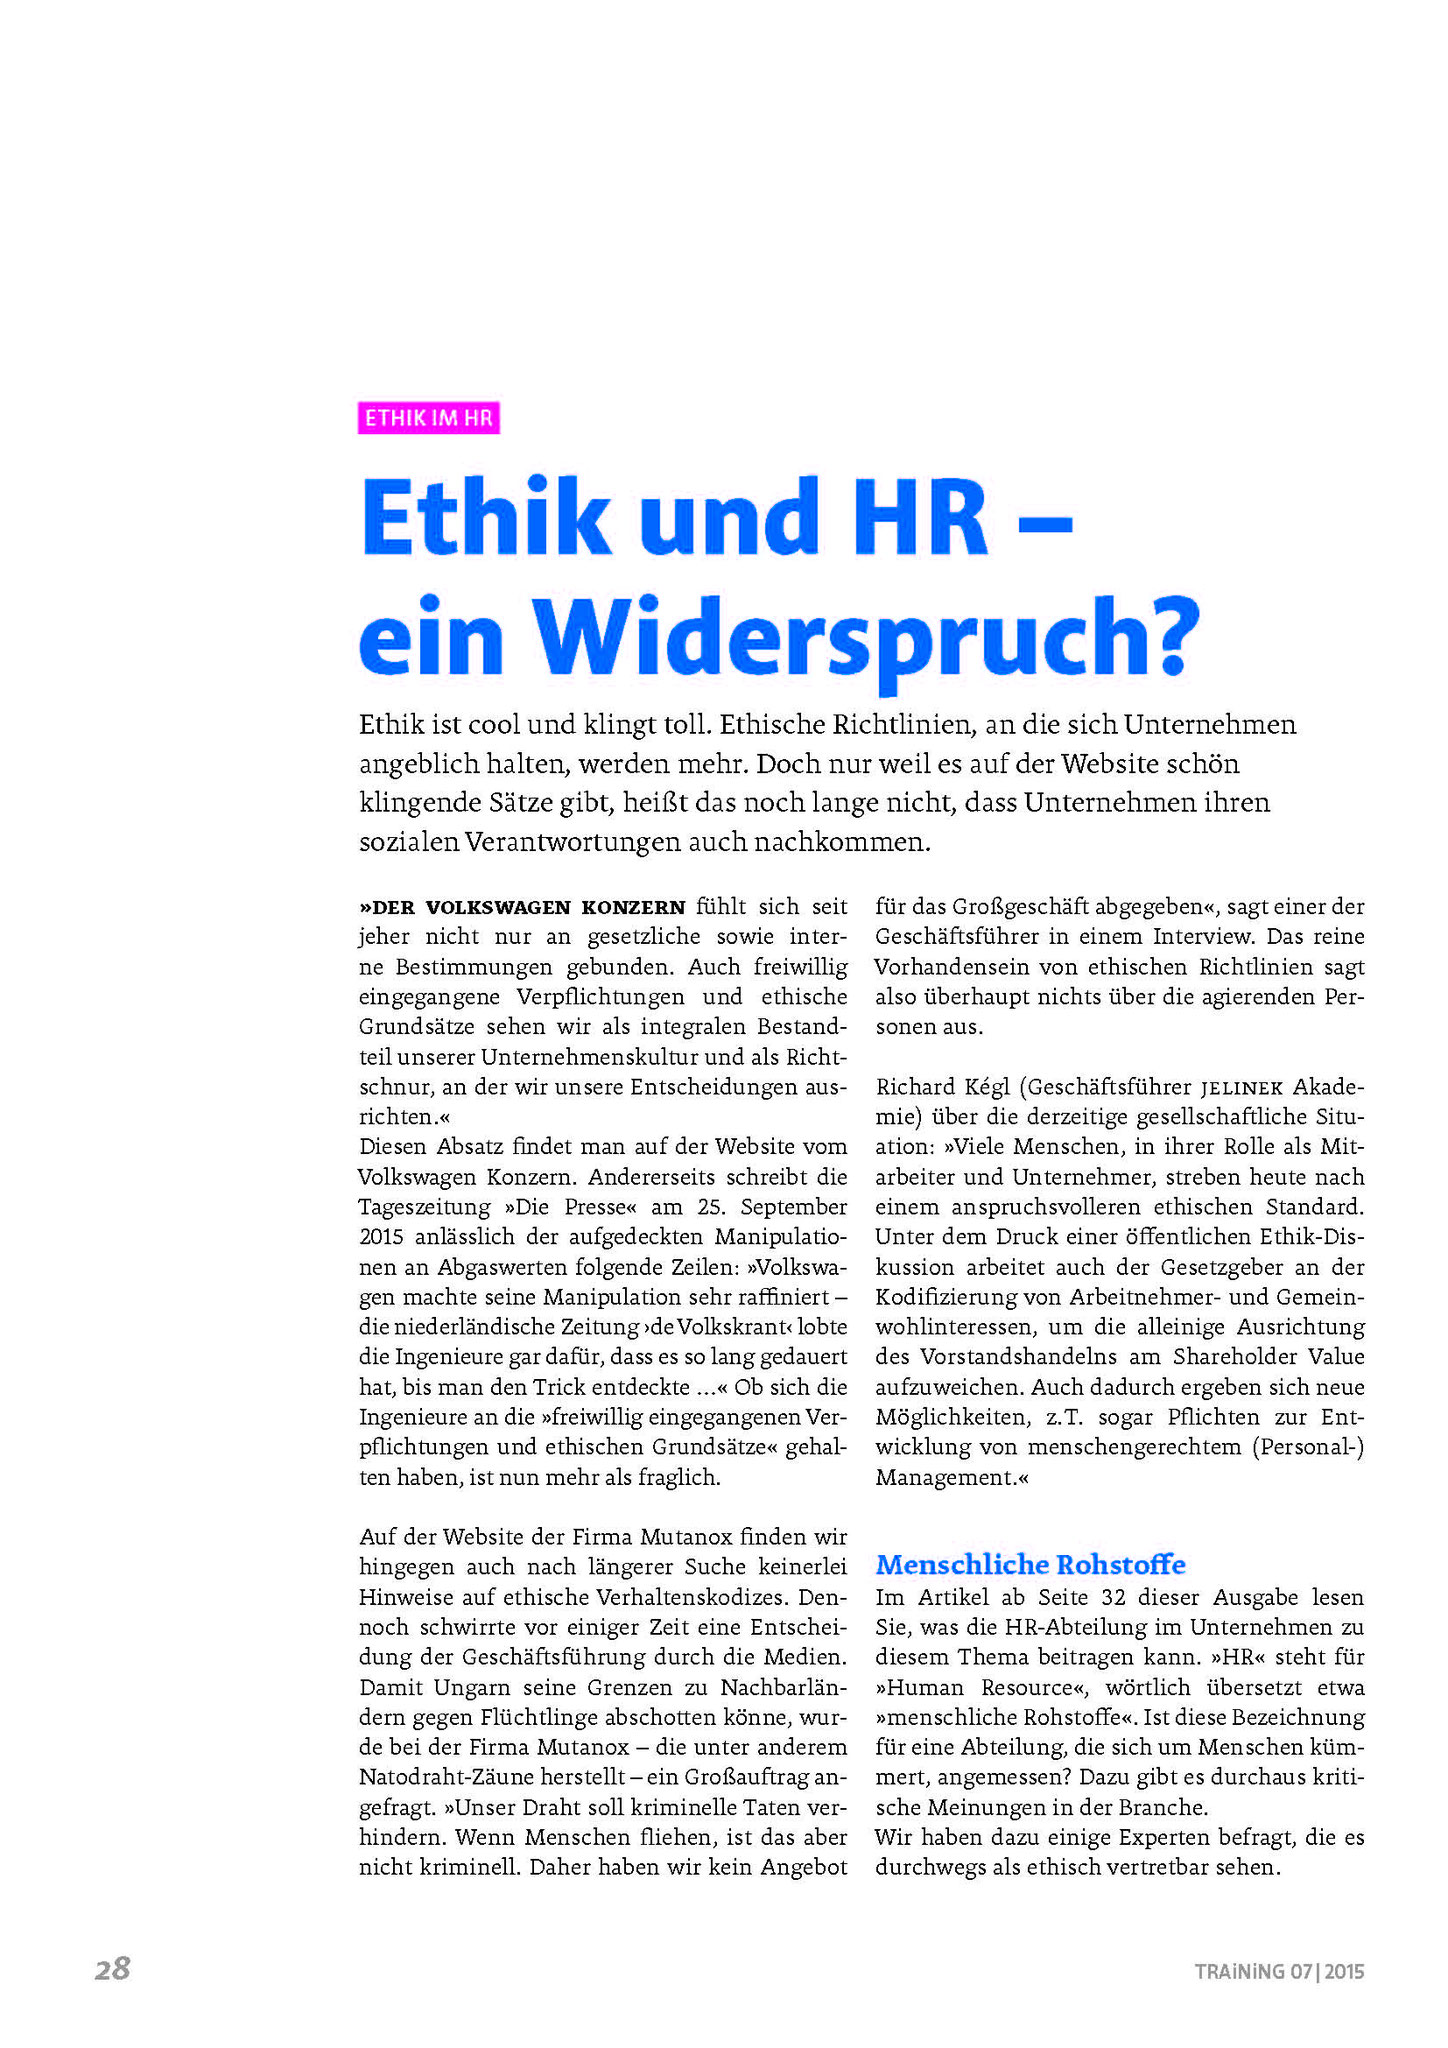 Ethik und HR - Ein Widerspruch? Seite 4